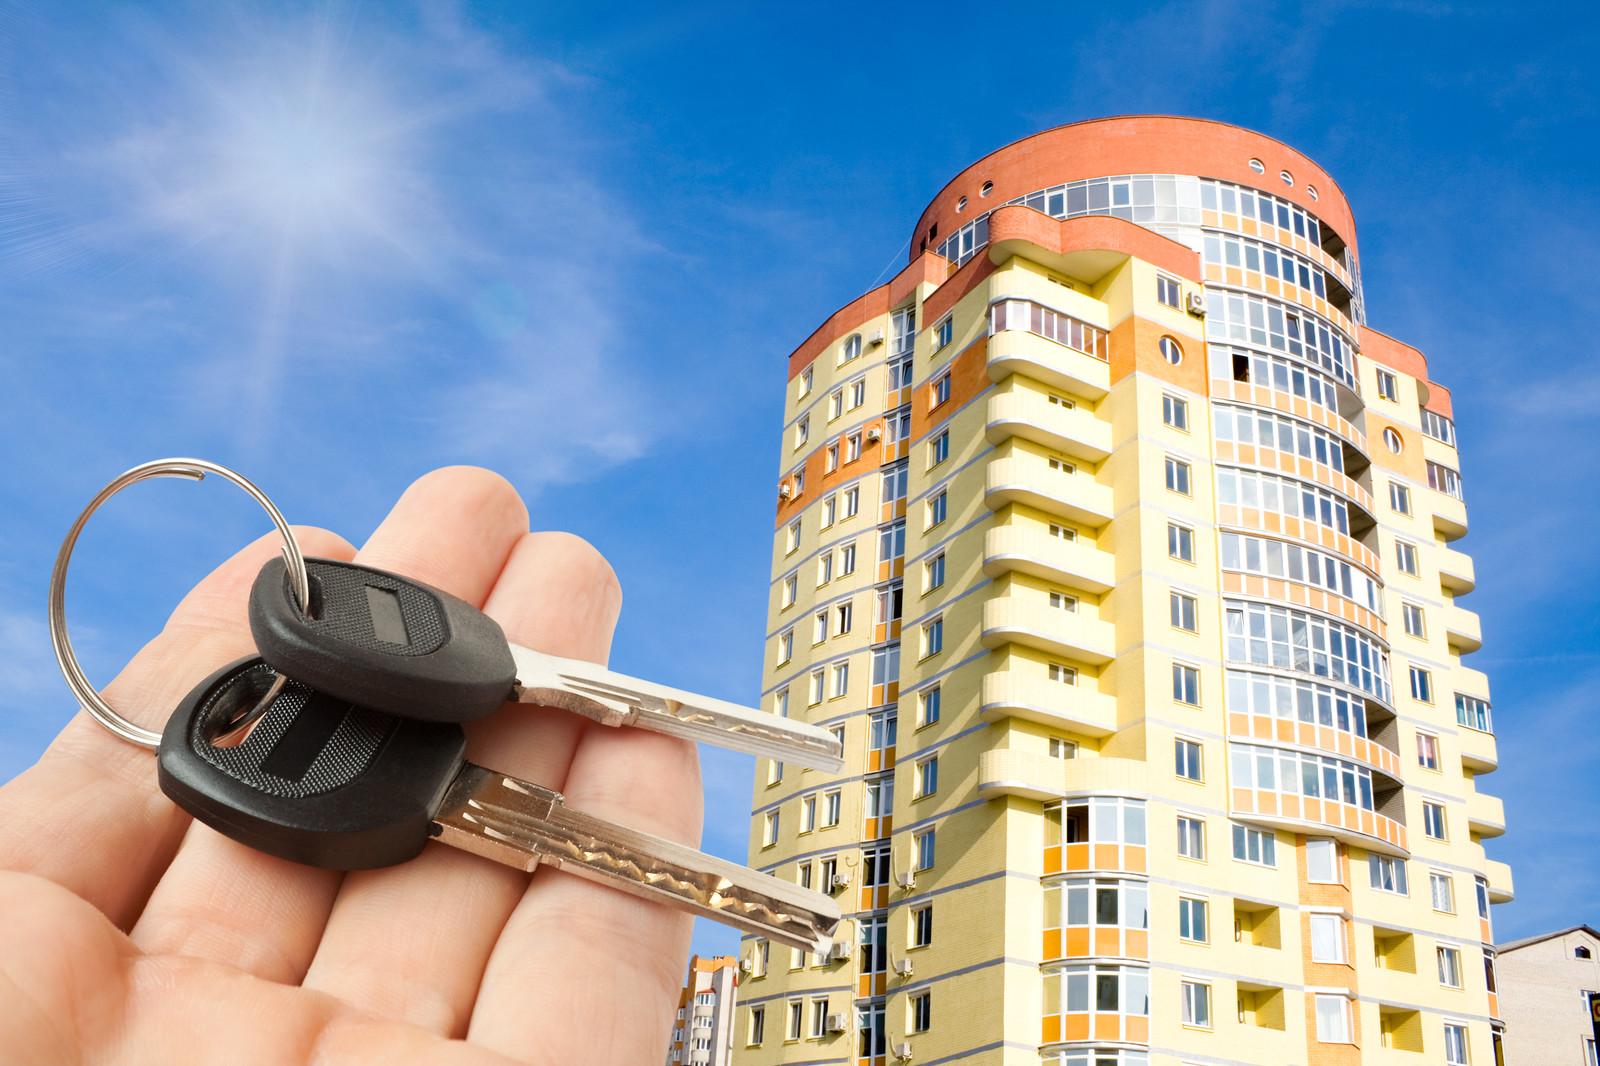 Покупка недвижимости в Боре и психология: не доверяйте эмоциям